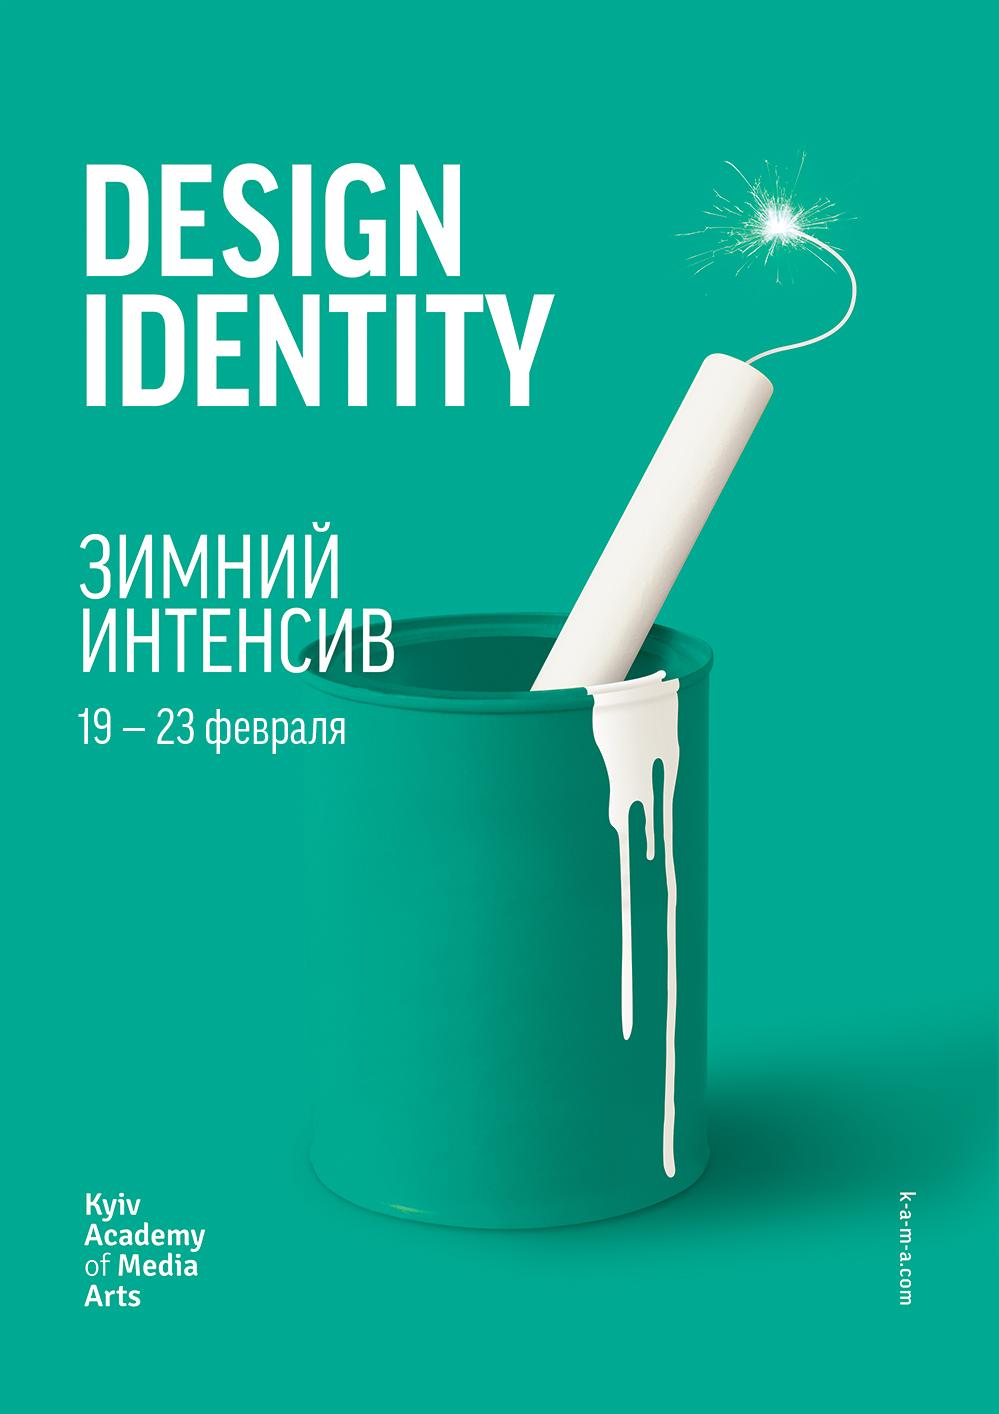 shkola_design_ident.jpg